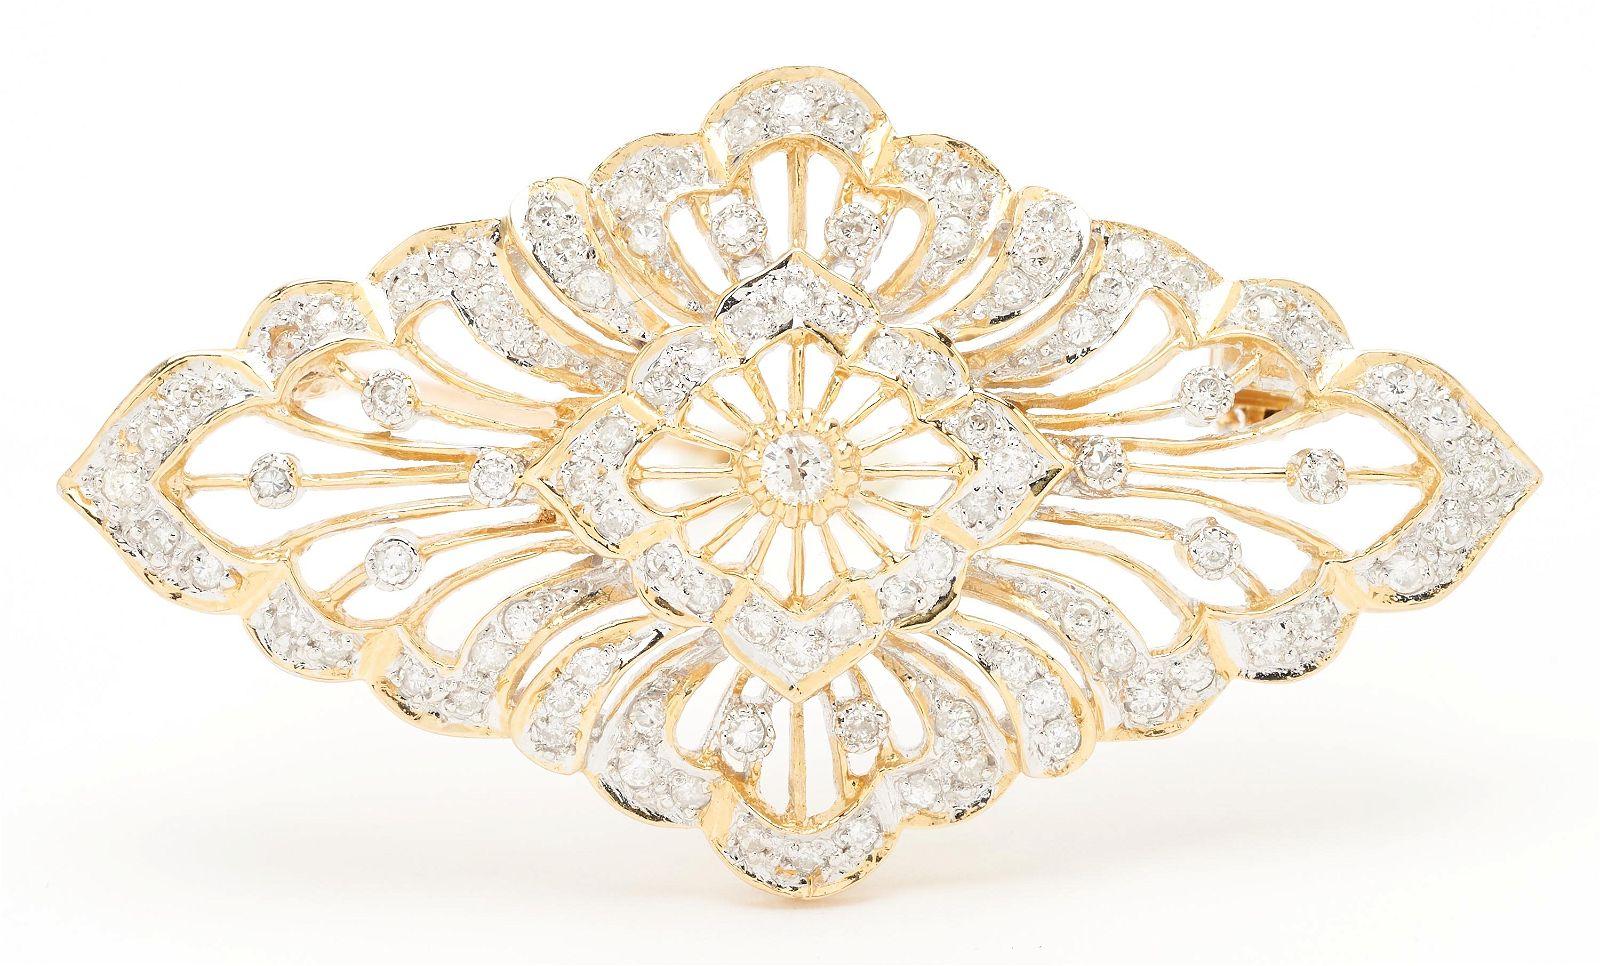 18K Diamond Brooch